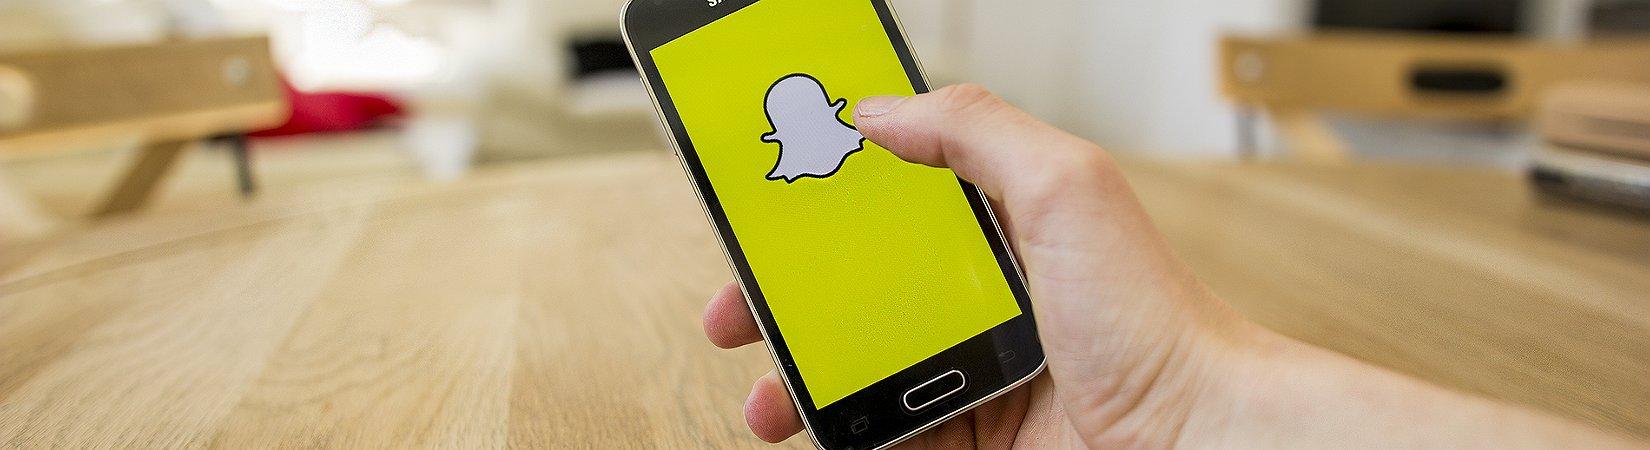 Instagram e Snapchat sono i social più pericolosi per la salute mentale dei giovani